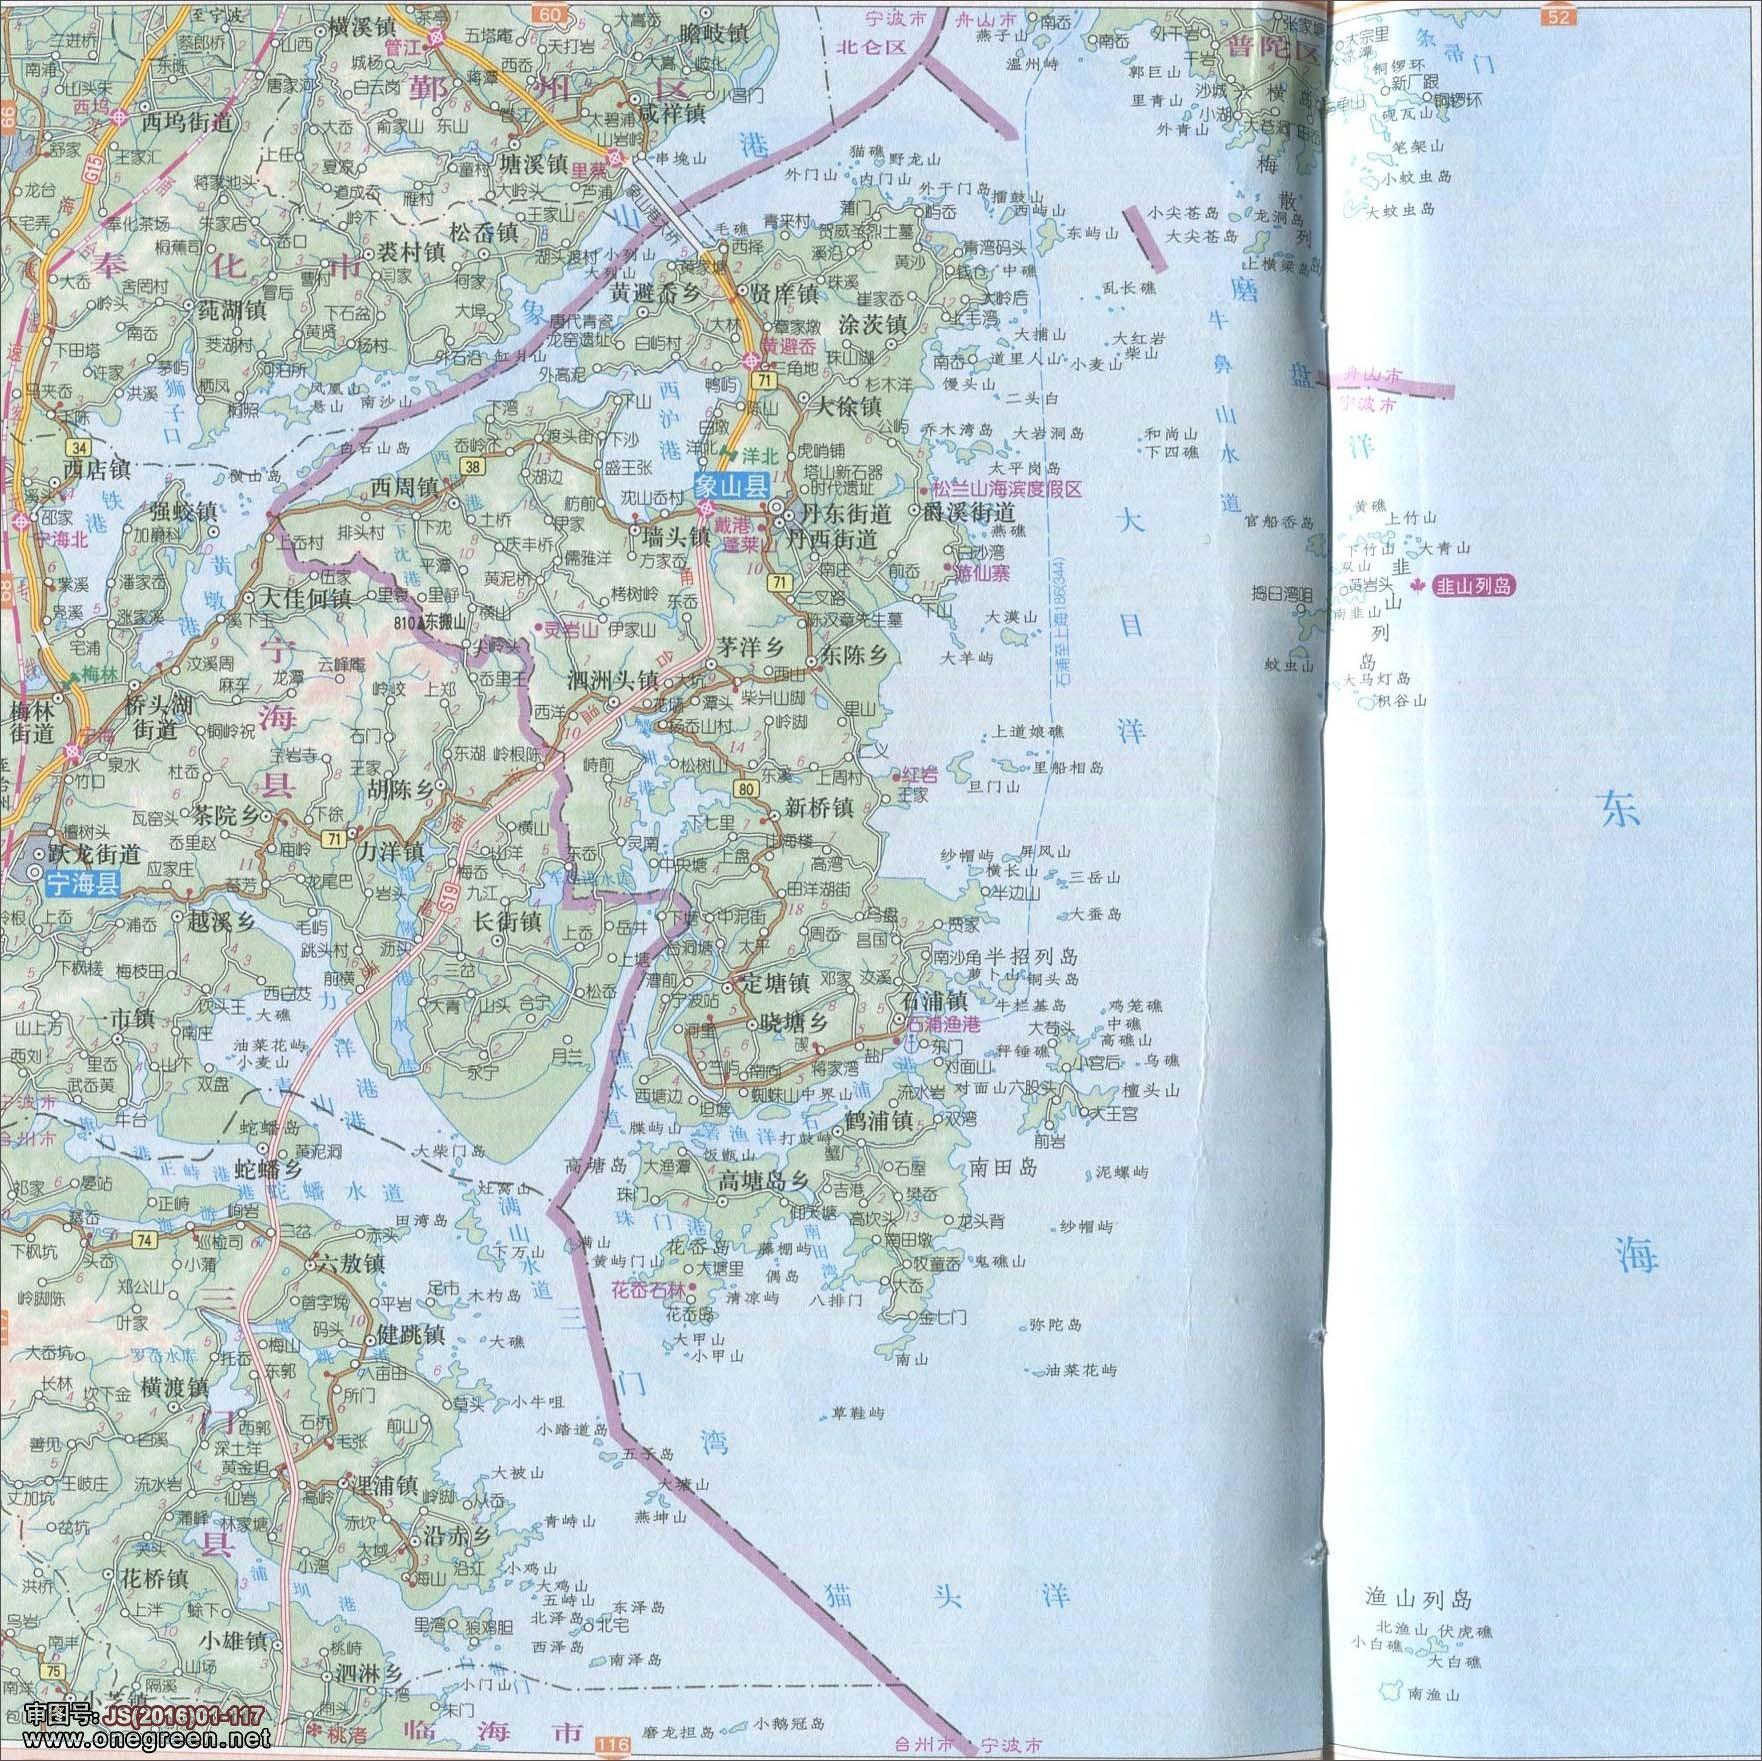 象山县地图图片